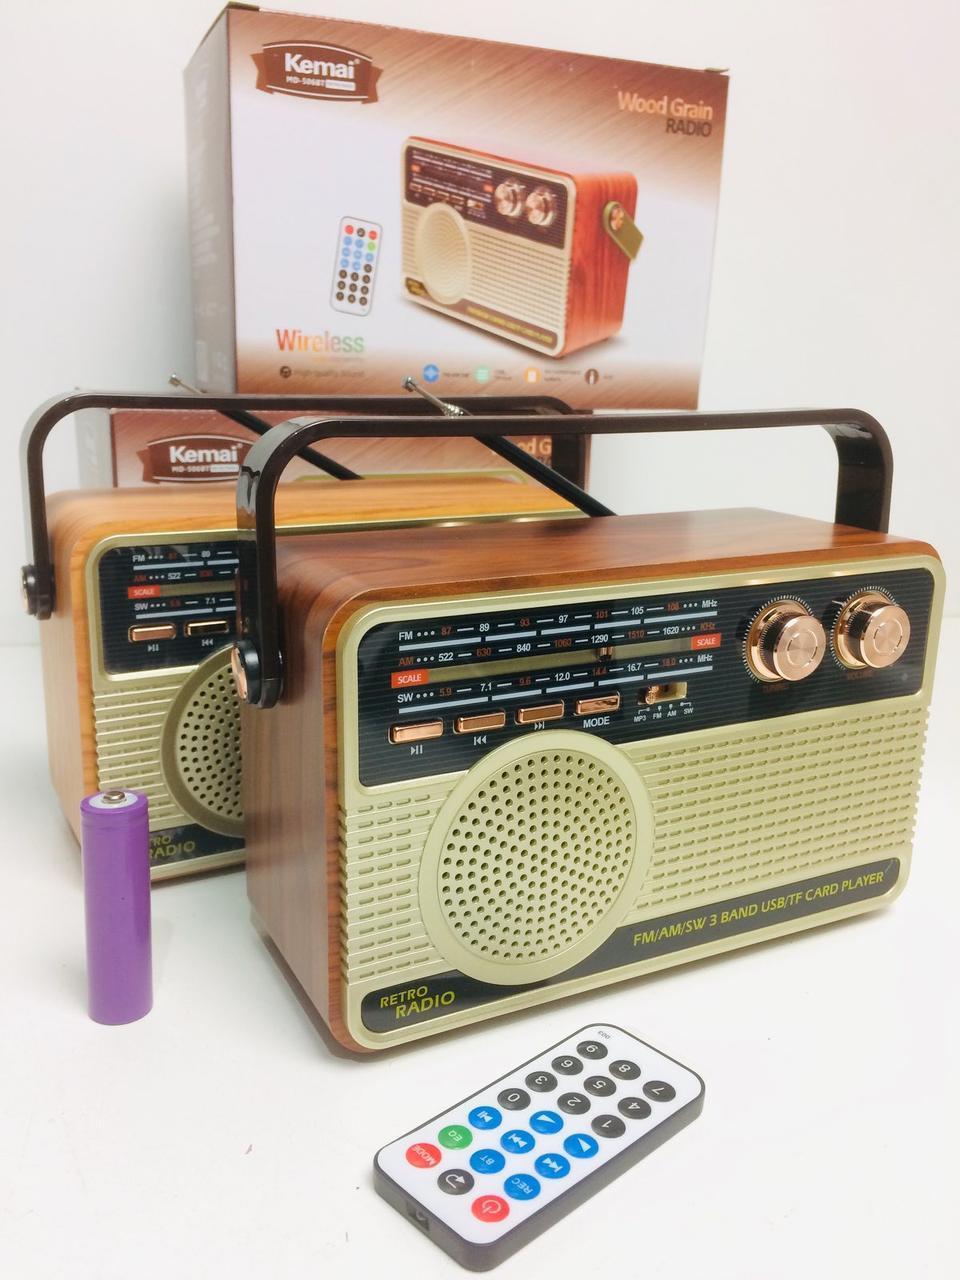 Радіоприймач Kemai Retro MD-506 BT акумуляторний + пульт ДУ